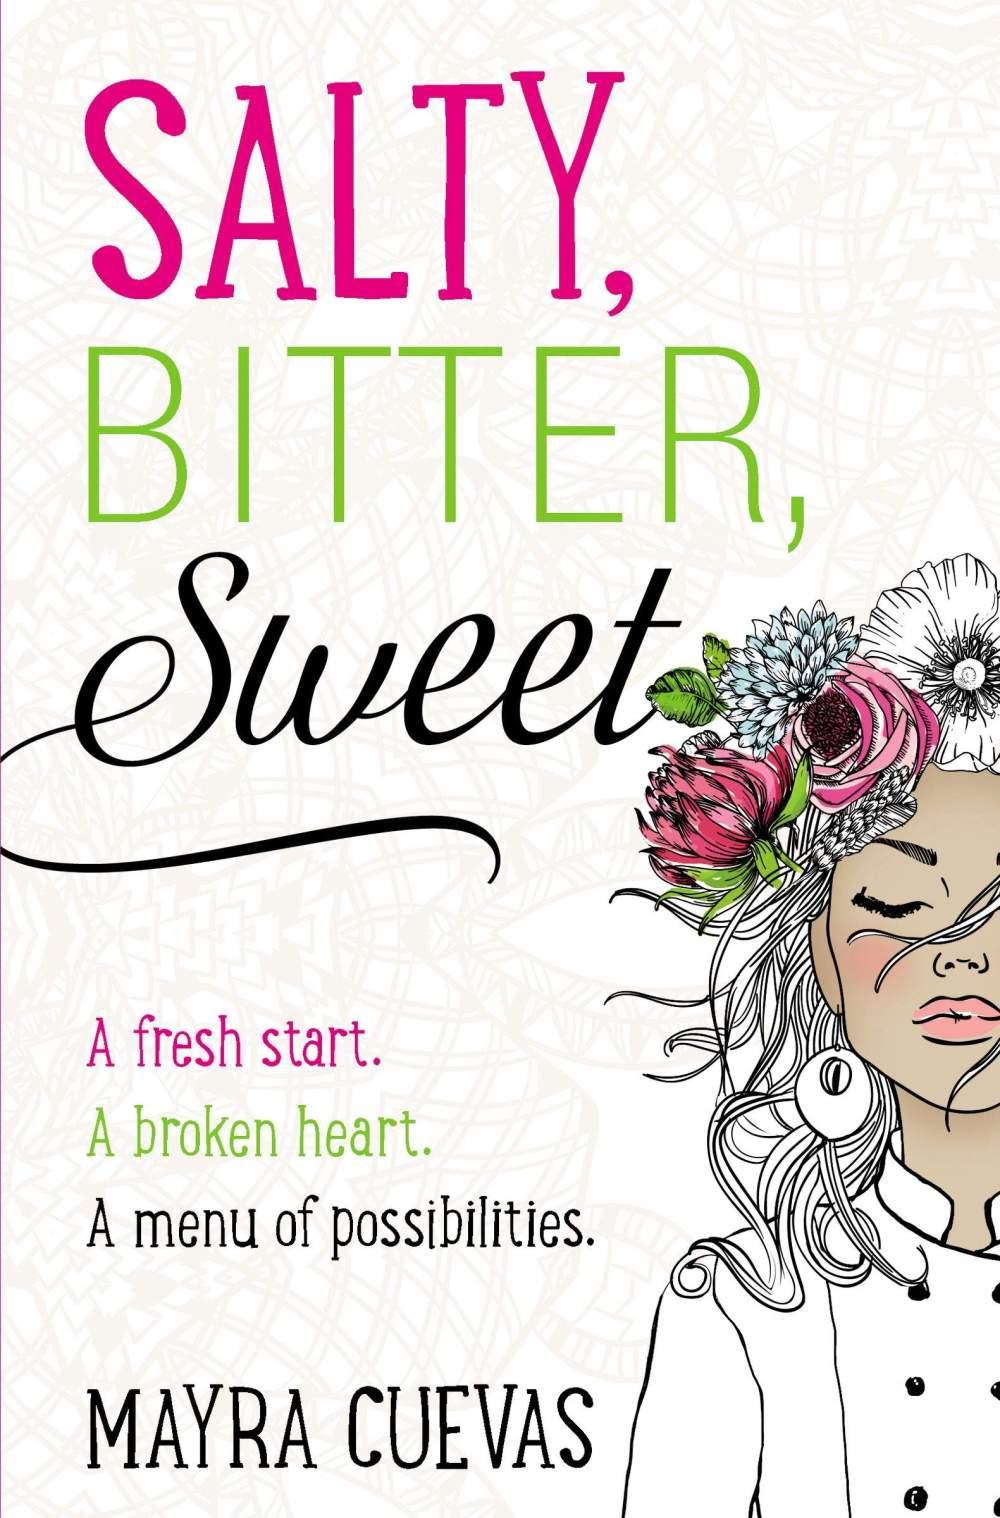 Salty, Bitter, Sweet by Mayra Cuevas